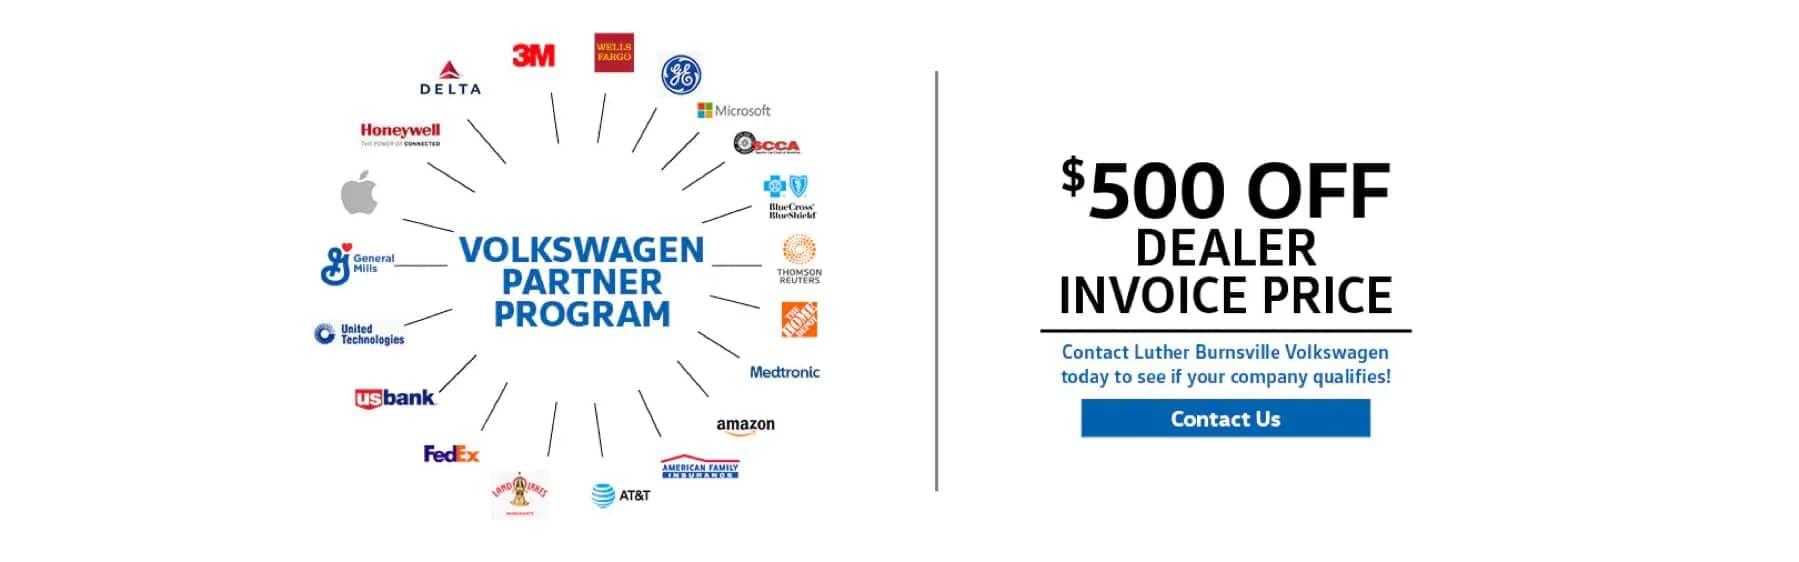 Luther VW Burnsville - Partner Page Banner